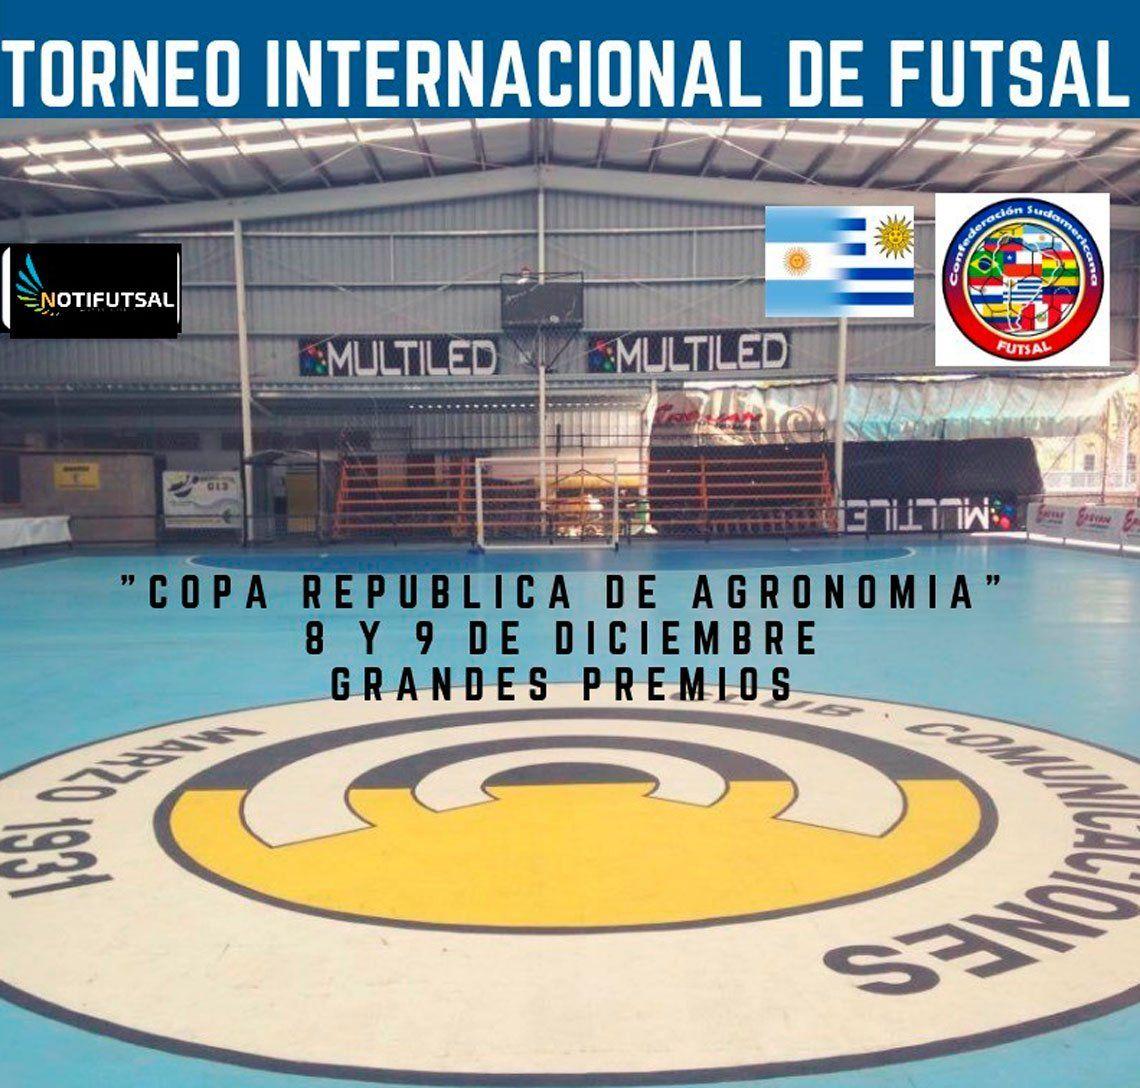 El futsal despide el 2018 con un gran campeonato en el Club Comunicaciones, el 8 y 9 de diciembre